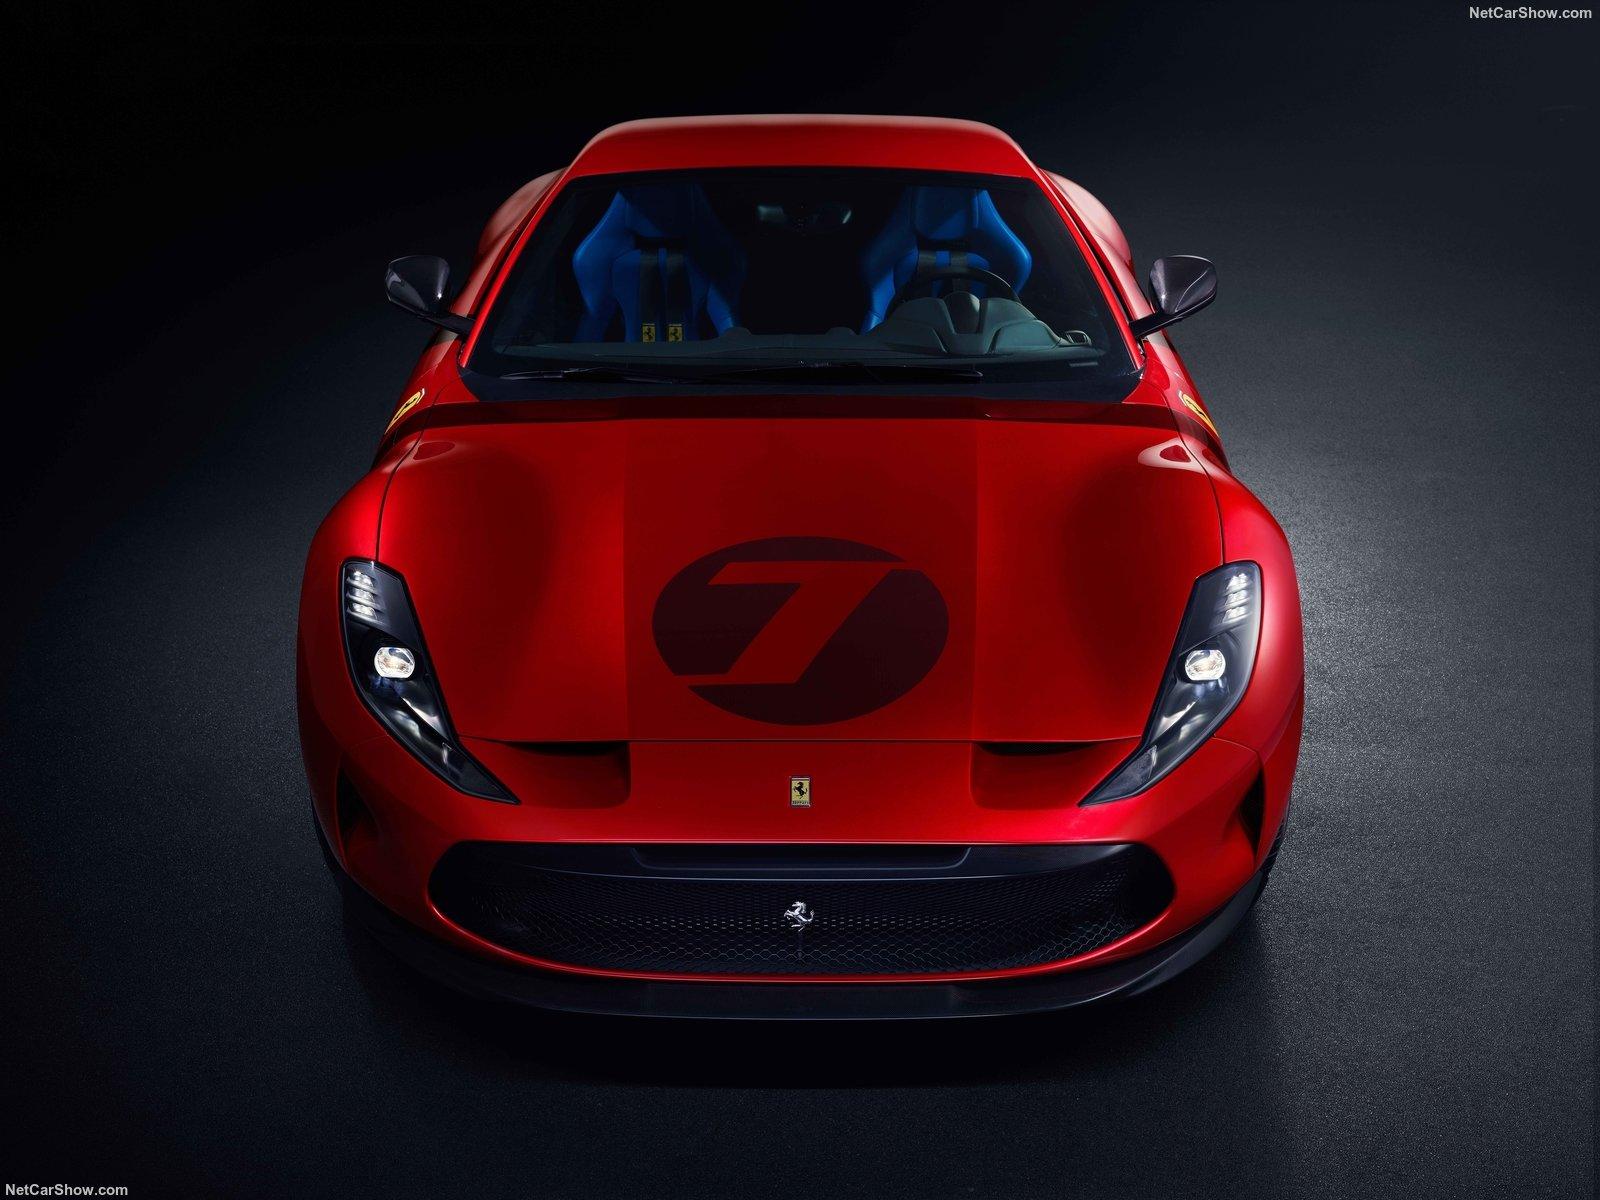 Il frontale della Ferrari Omologata